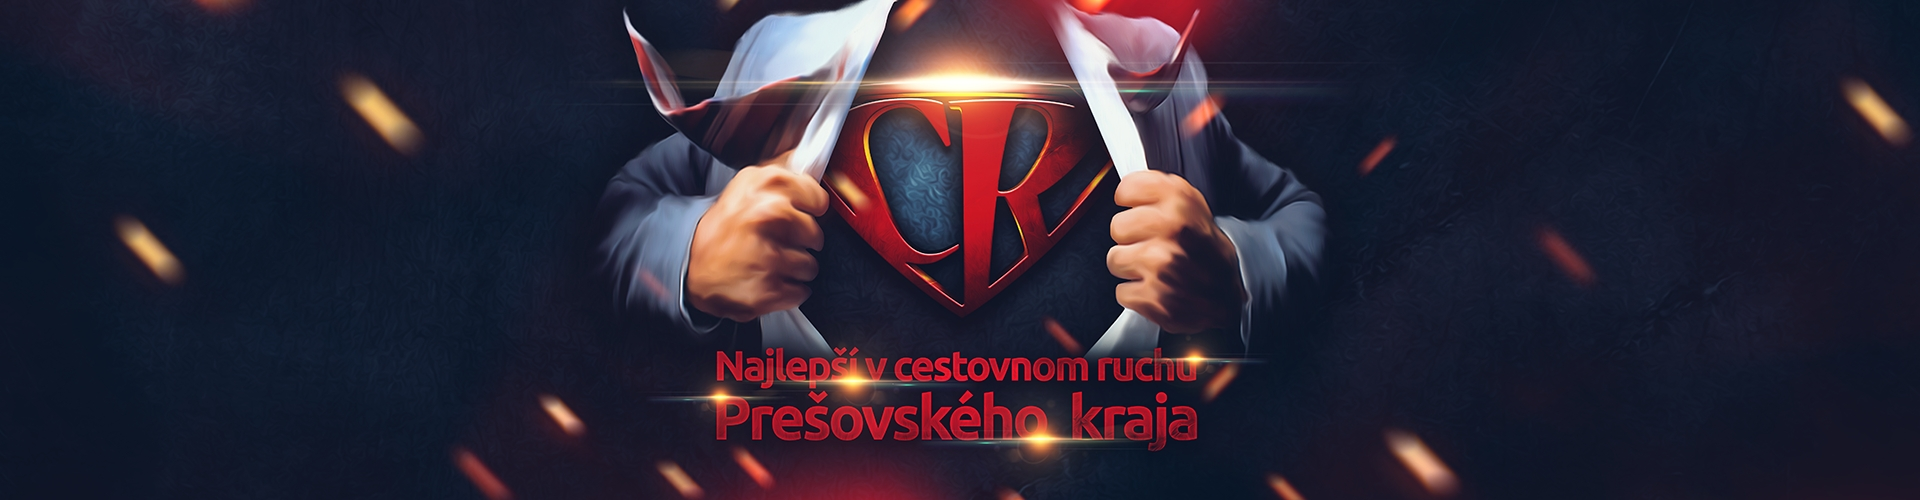 Nominácie na NAJ v CR Prešovského kraja